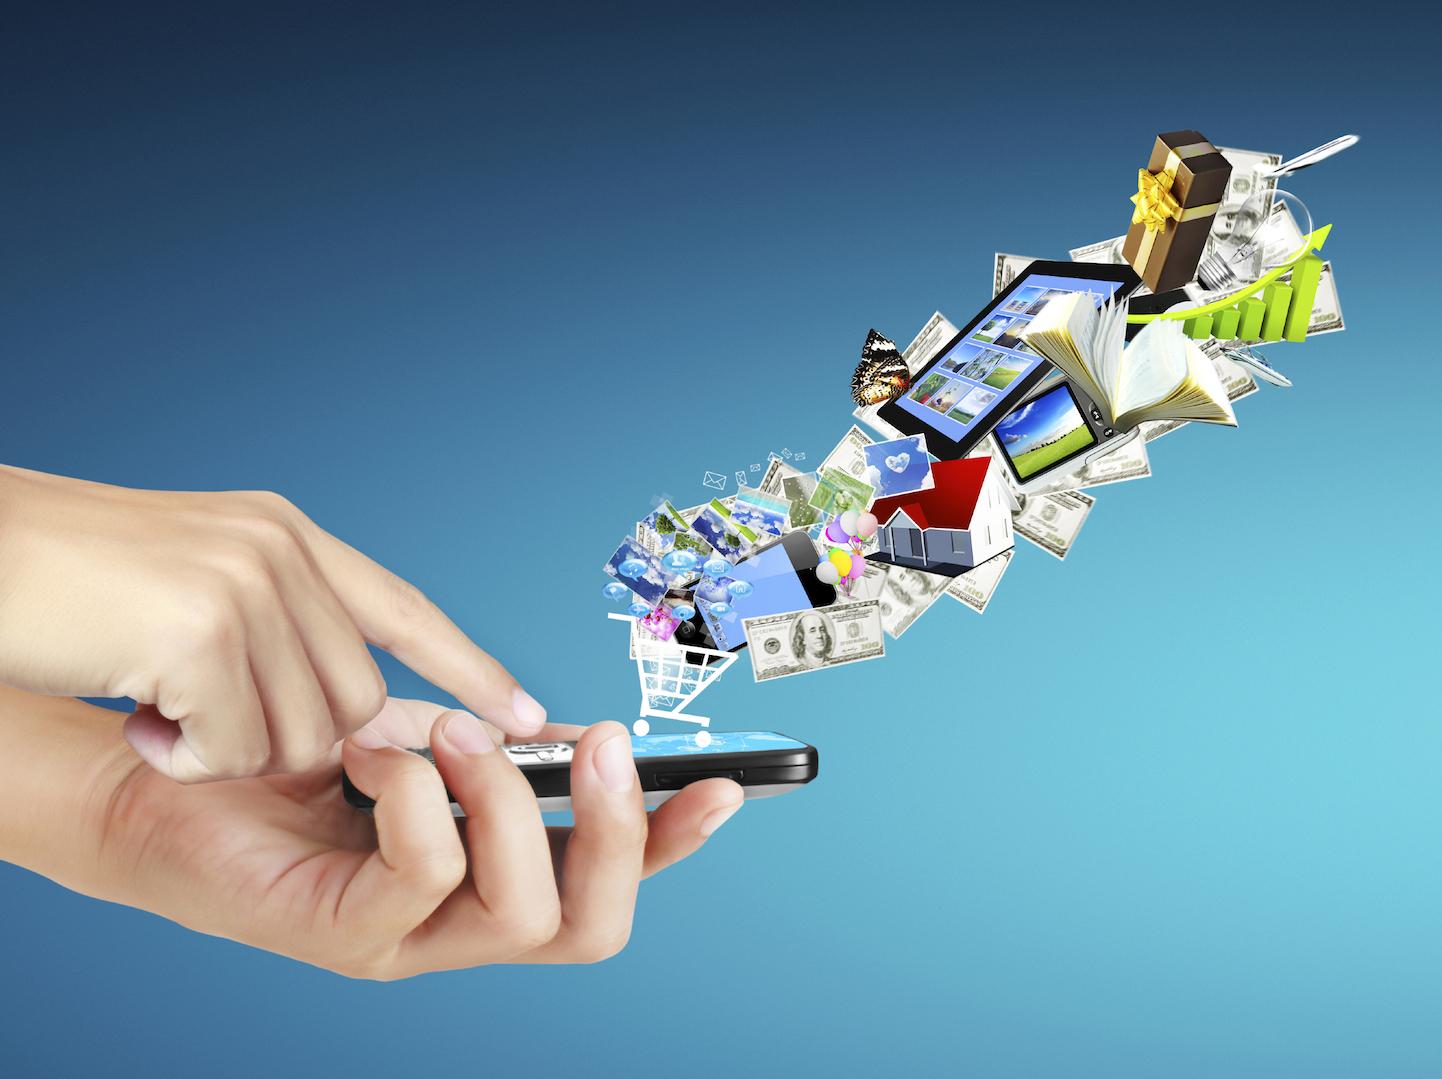 Мобильная связь и интернет в Китае